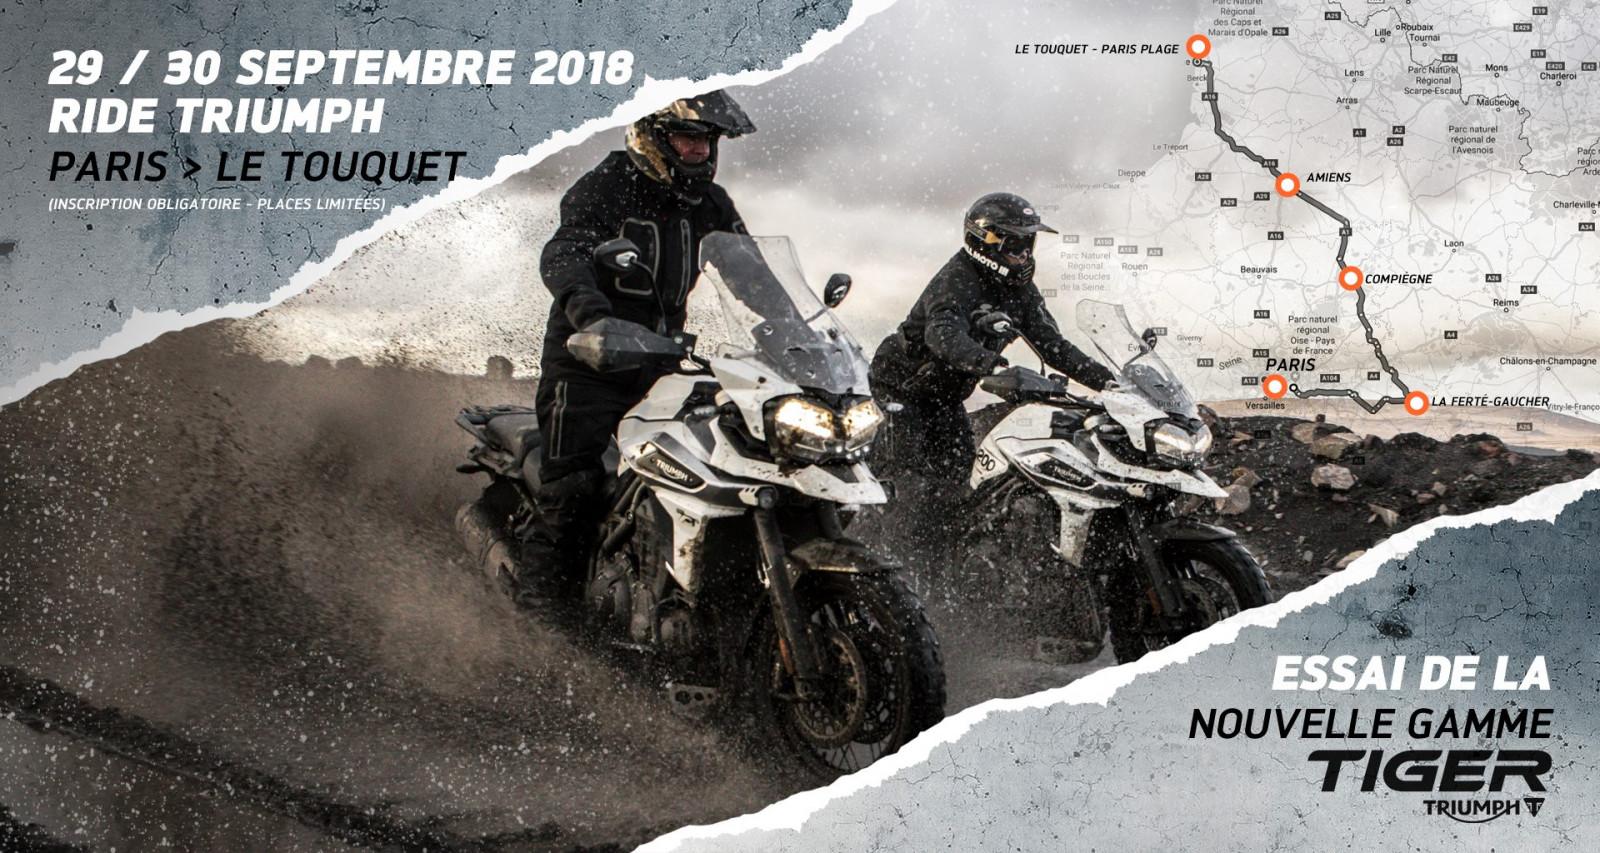 Triumph Tiger Expérience : PARIS > LE TOUQUET